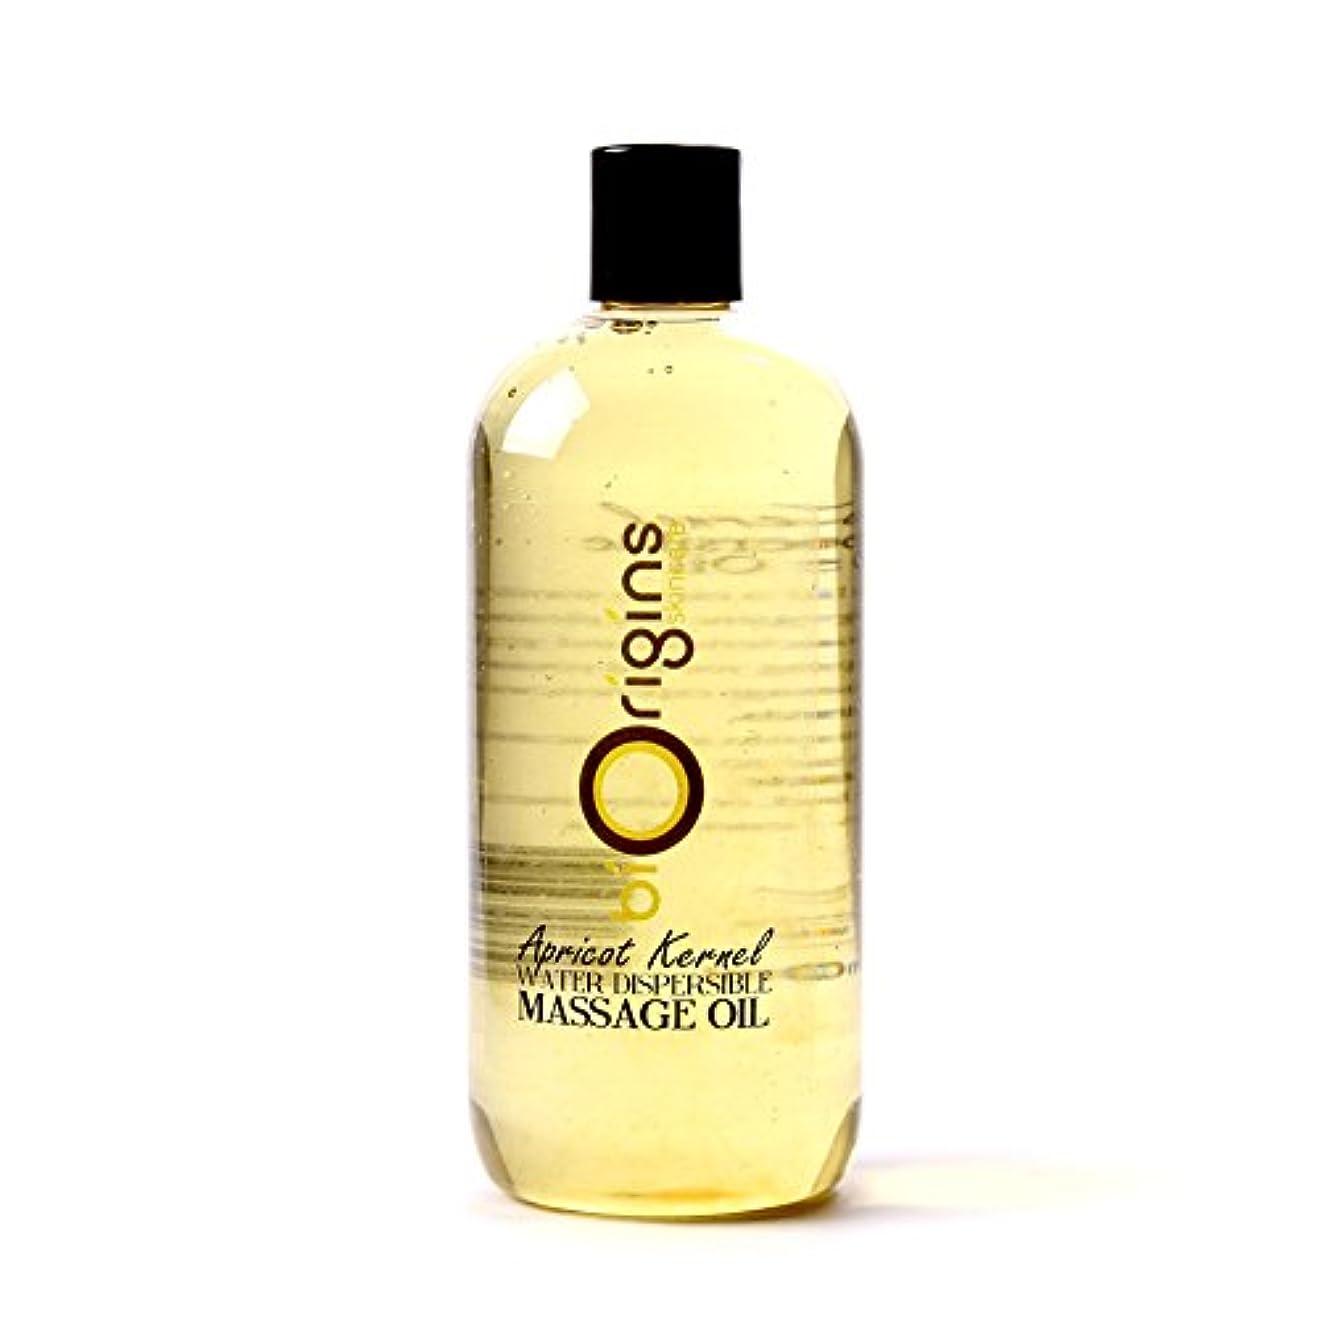 なかなかおじいちゃん大声でApricot Kernel Water Dispersible Massage Oil - 1 Litre - 100% Pure